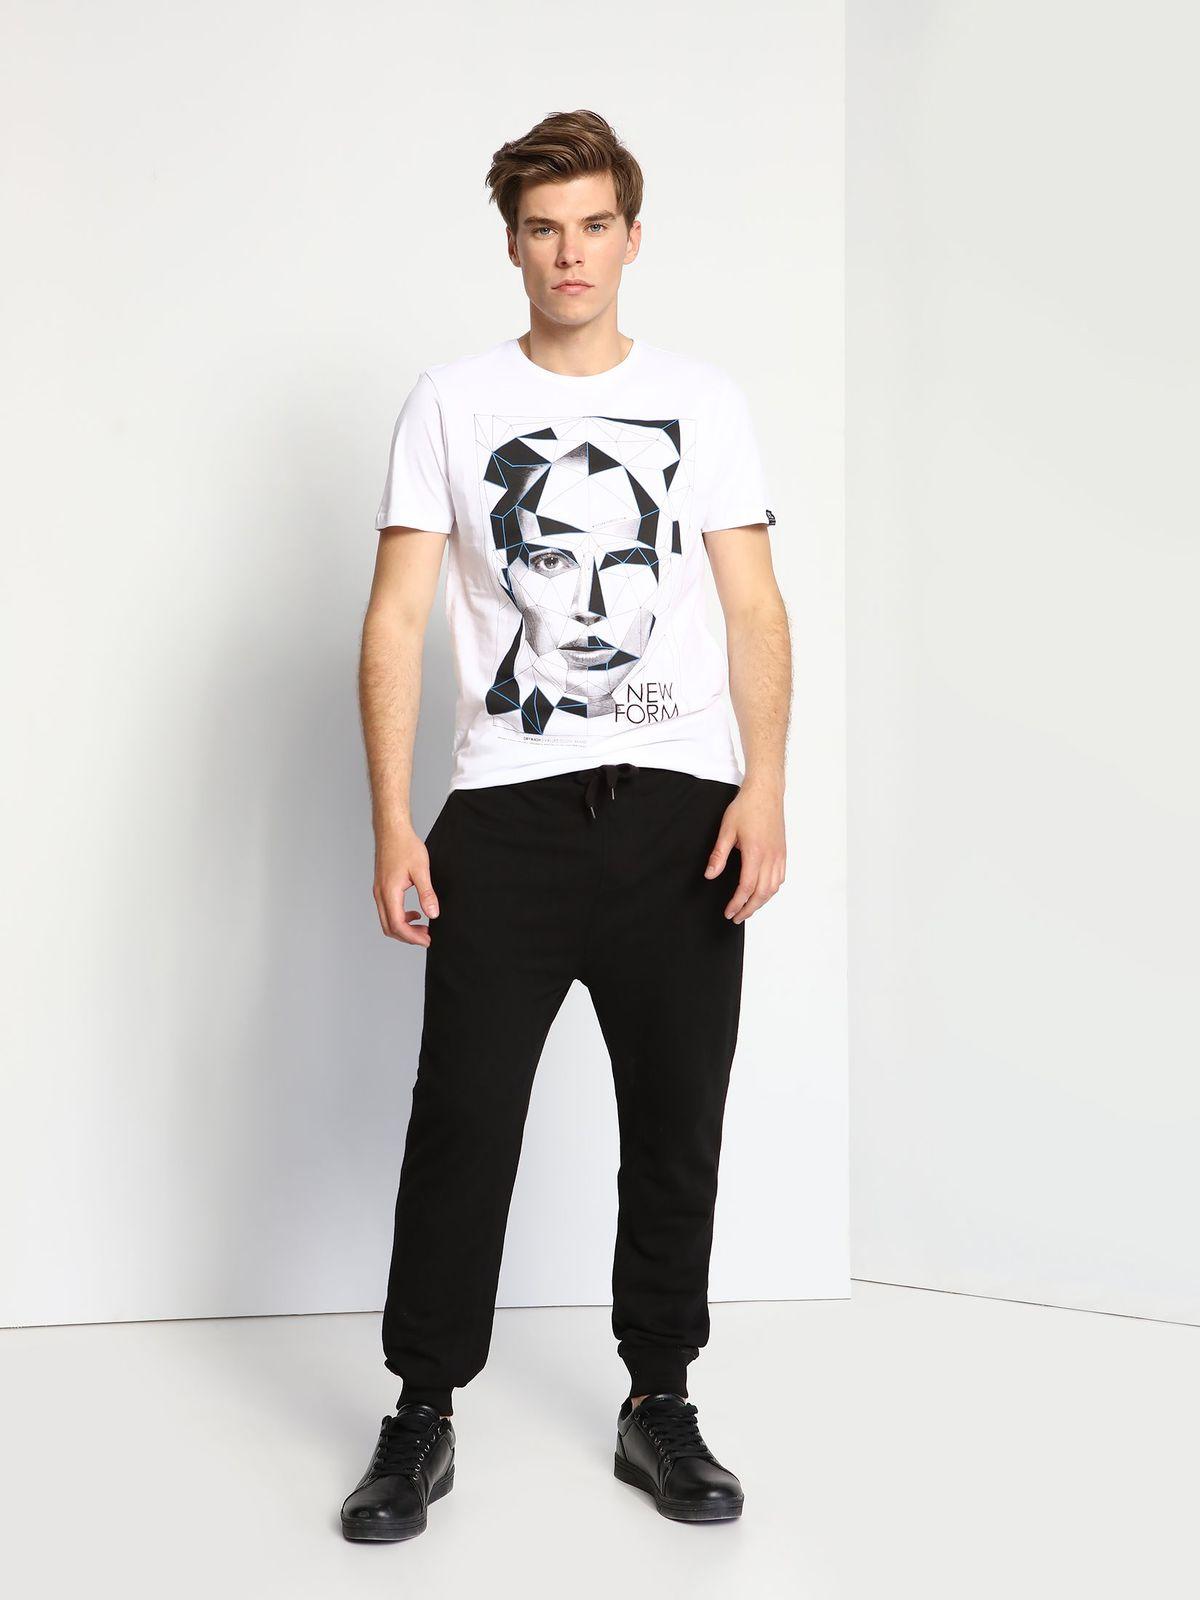 DPO0281BIМужская футболка Drywash выполнена из натурального хлопка. Модель с круглым вырезом горловины и короткими рукавами оформлена оригинальным принтом.